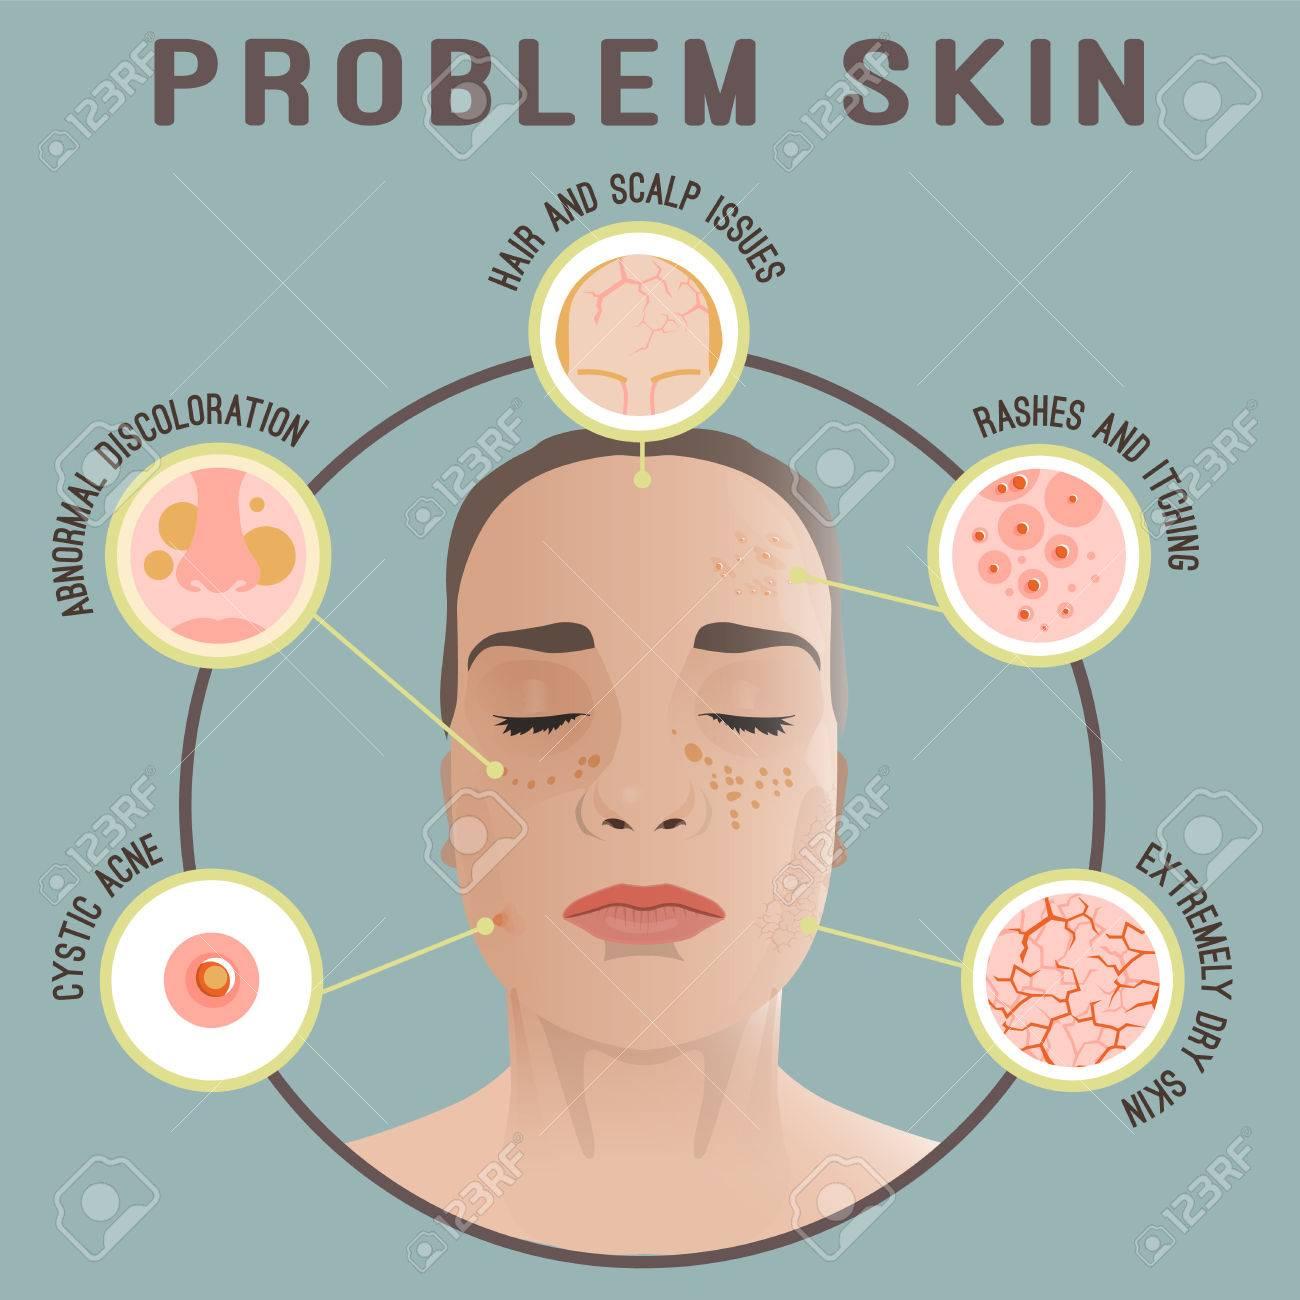 Großzügig Dermatologen Bildung Fotos - Physiologie Von Menschlichen ...